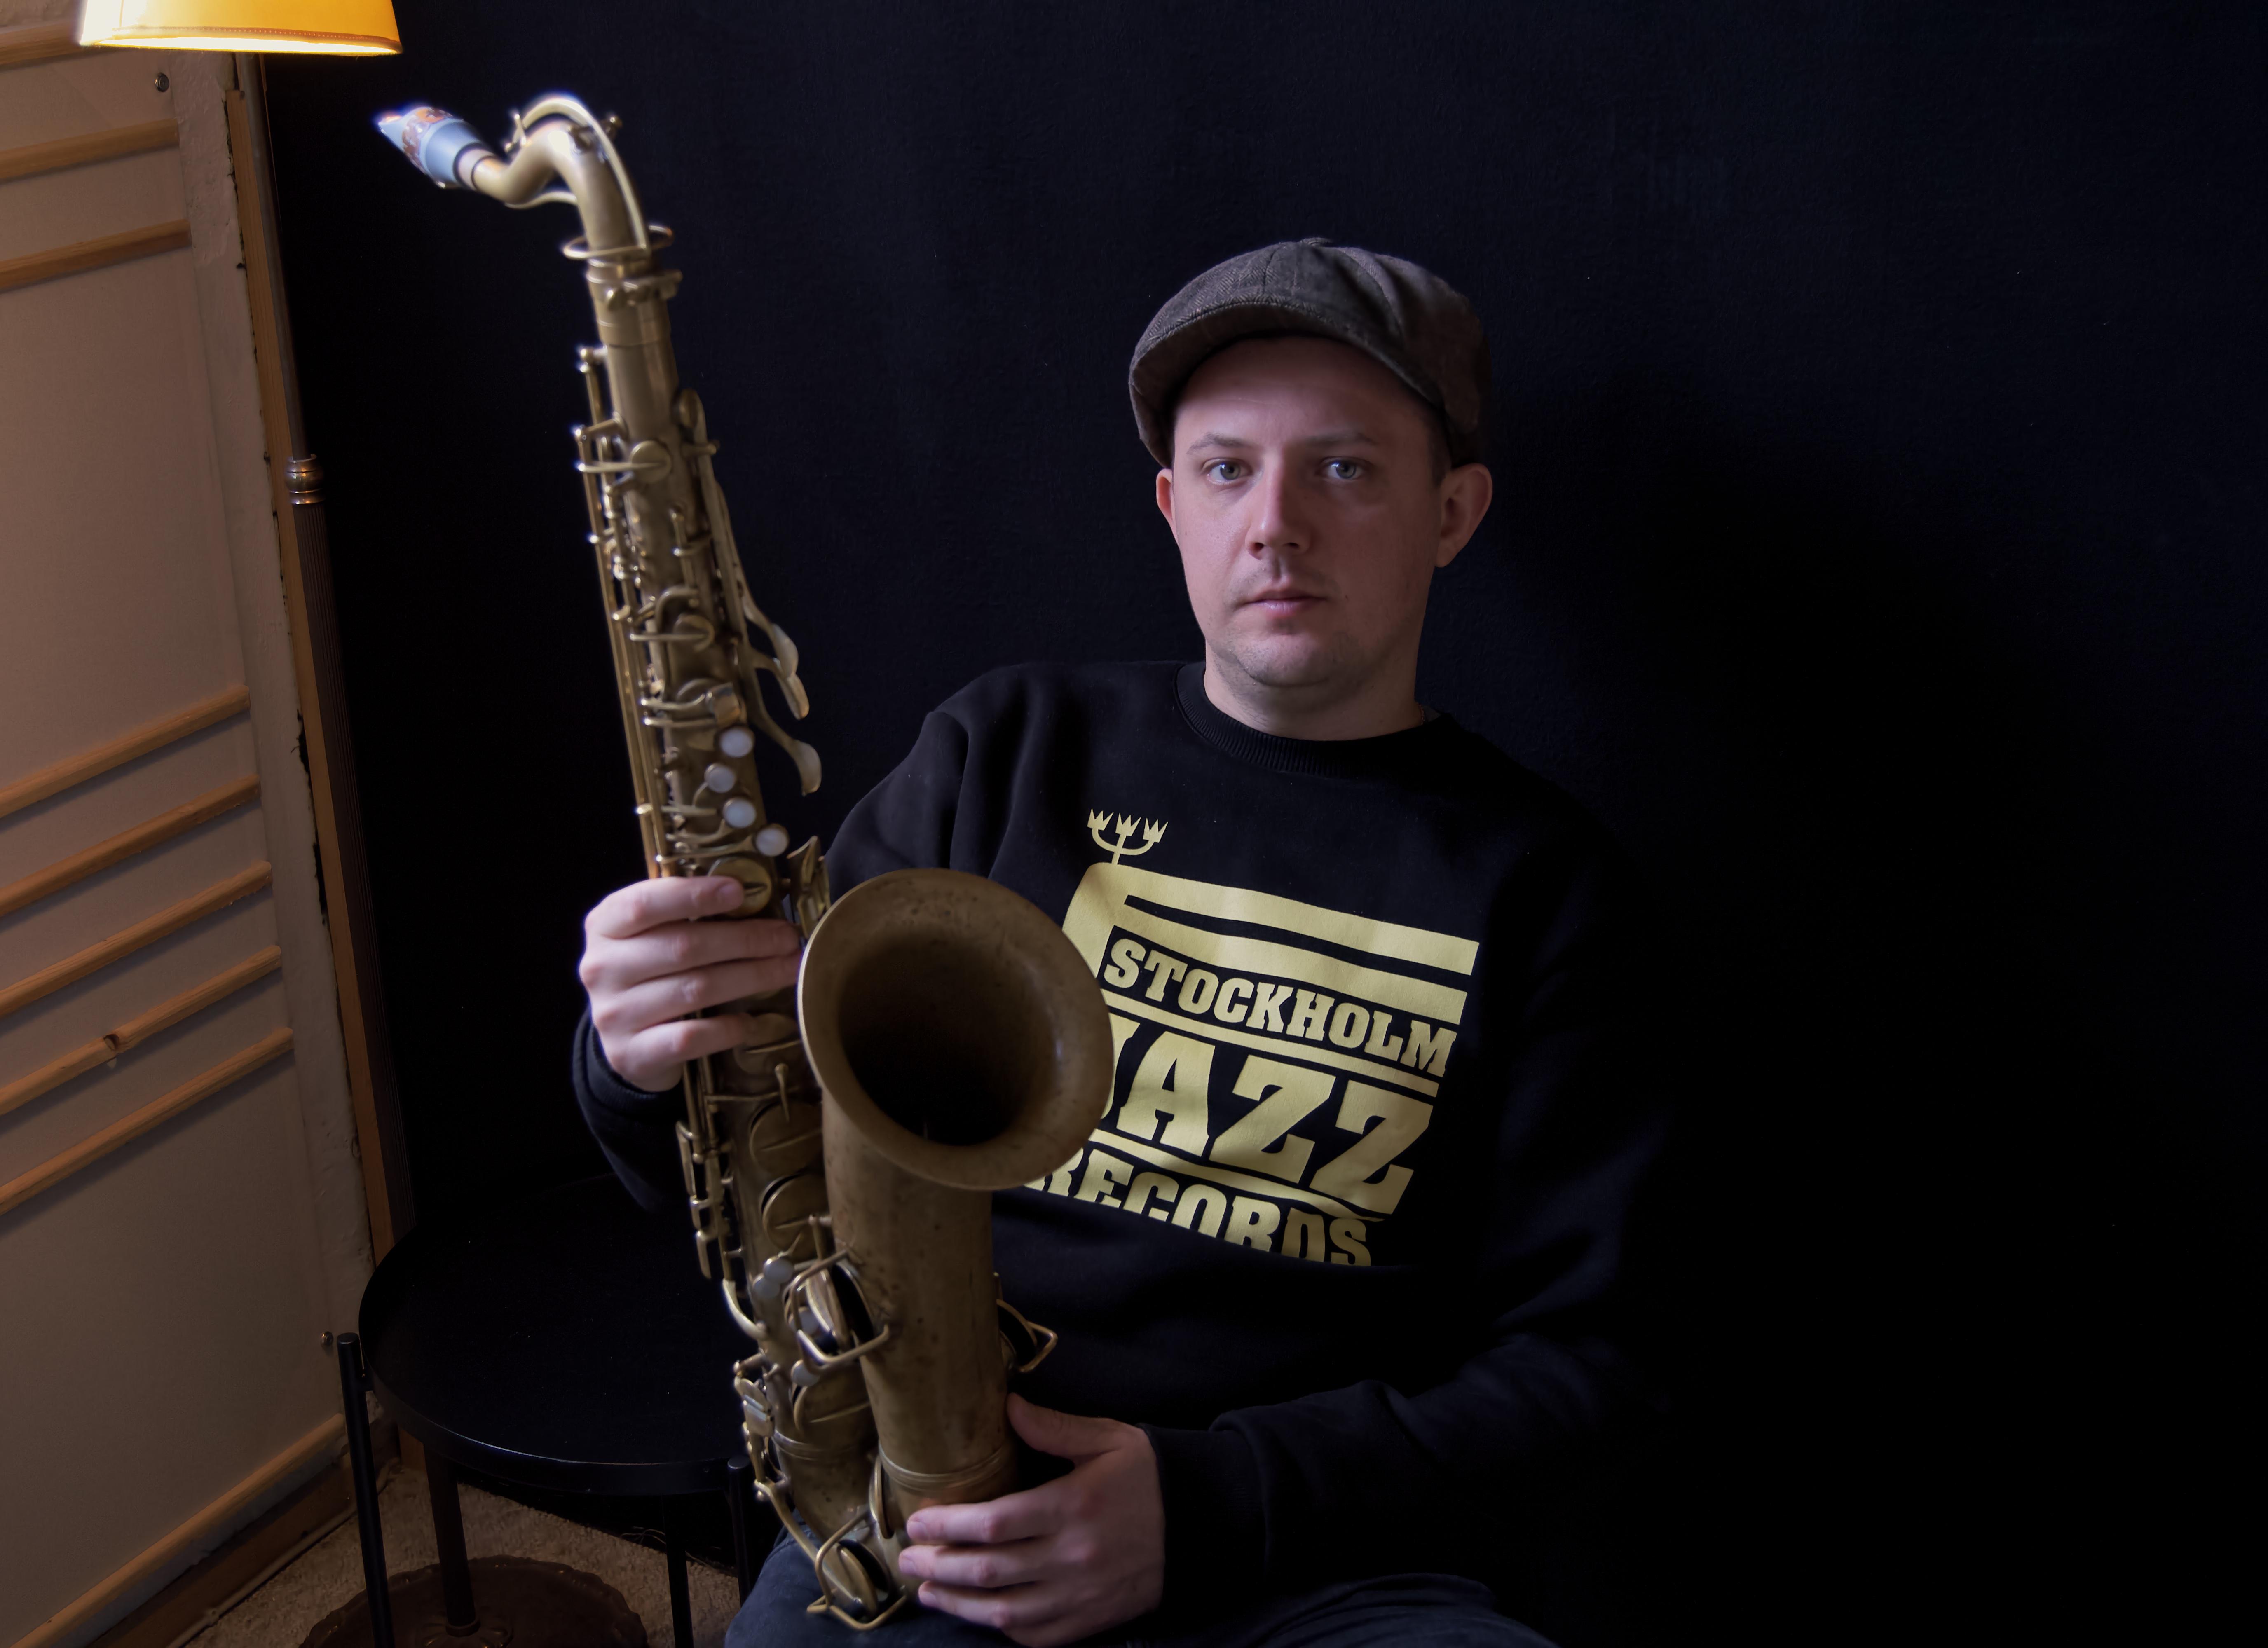 Oleksandr Kolosii